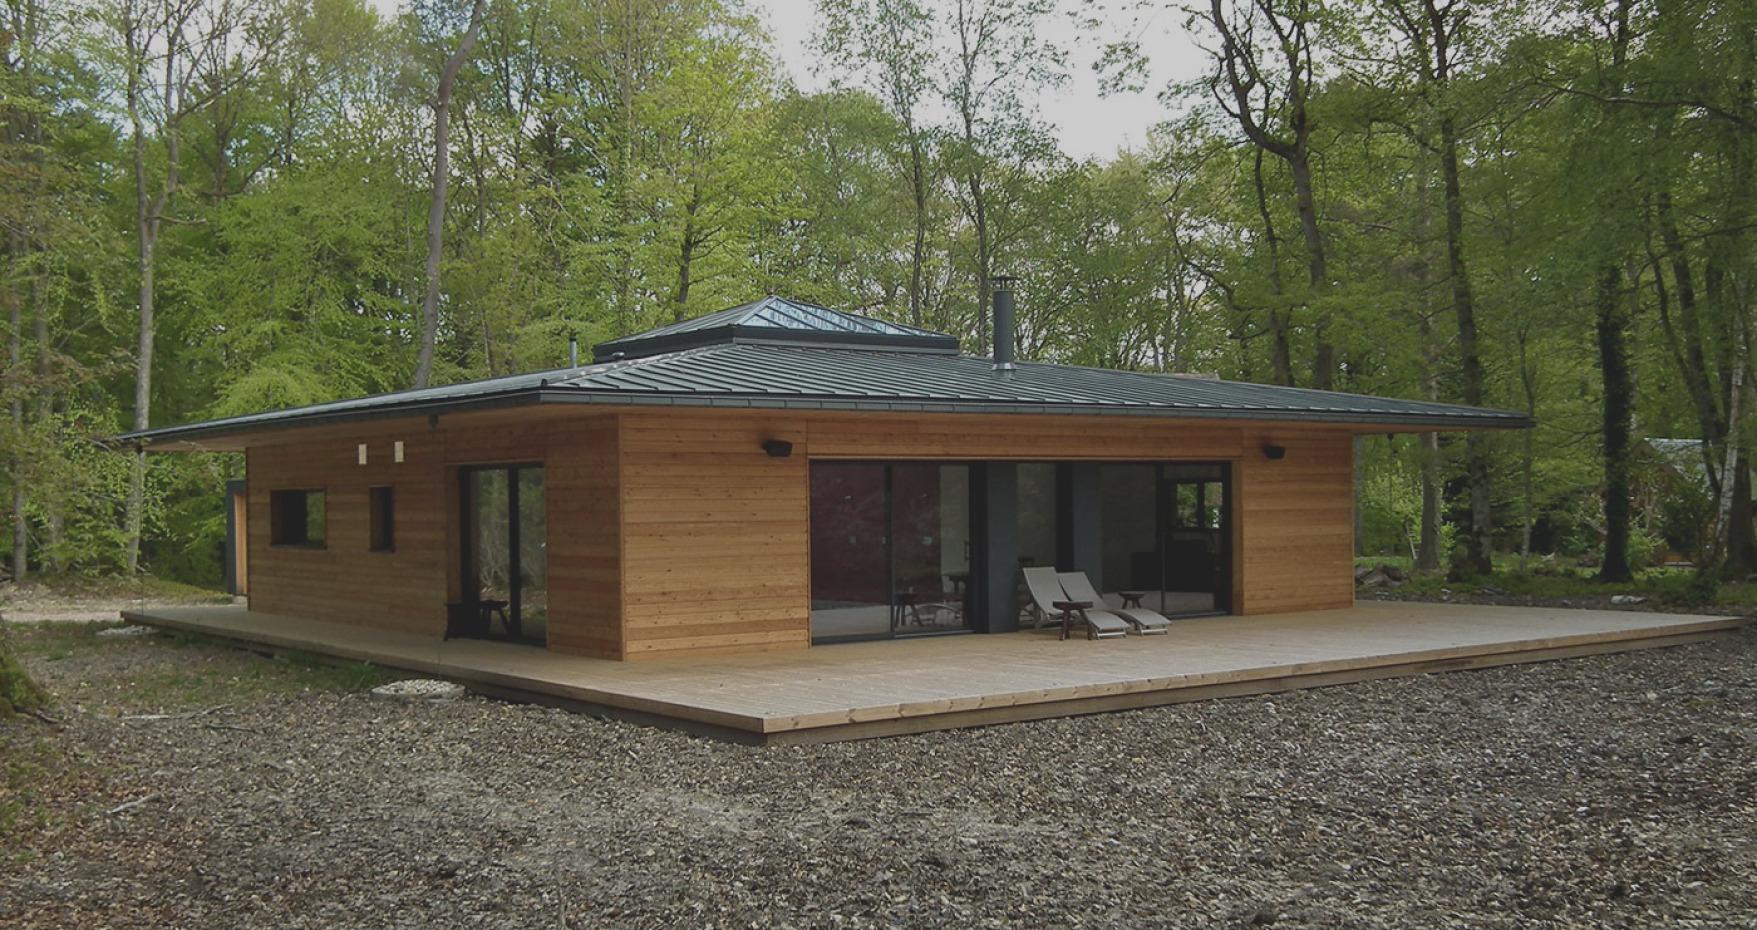 Maison En Bois En Kit 70M2 - Le Meilleur Des Maisons Bois En ... pour Cabane Habitable En Kit